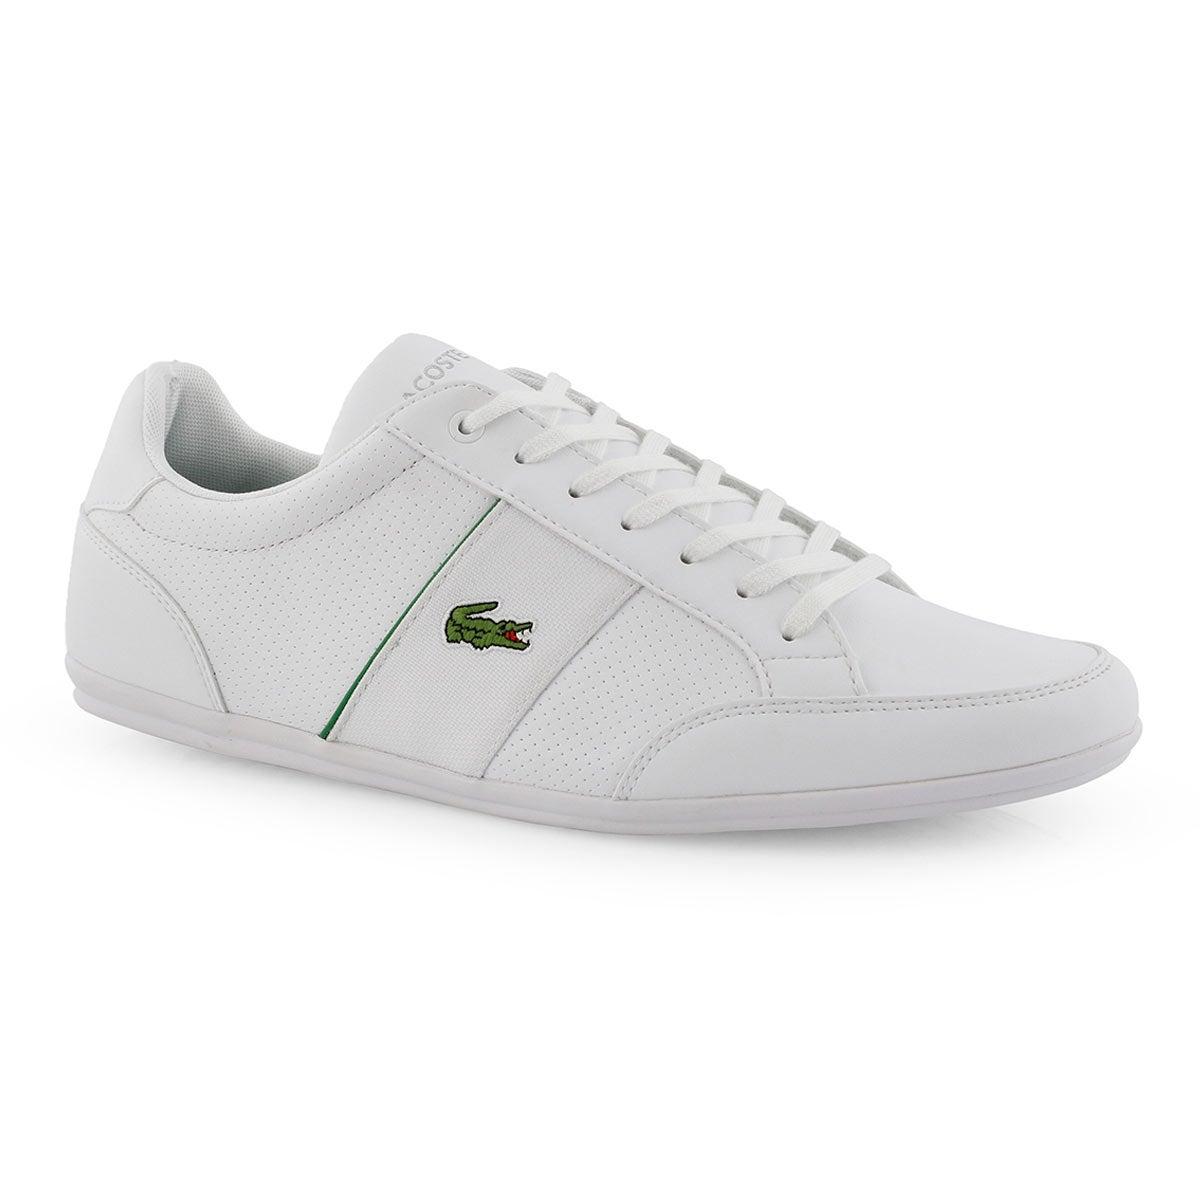 Men's Nivolor 119 1 P Sneaker - White/Green